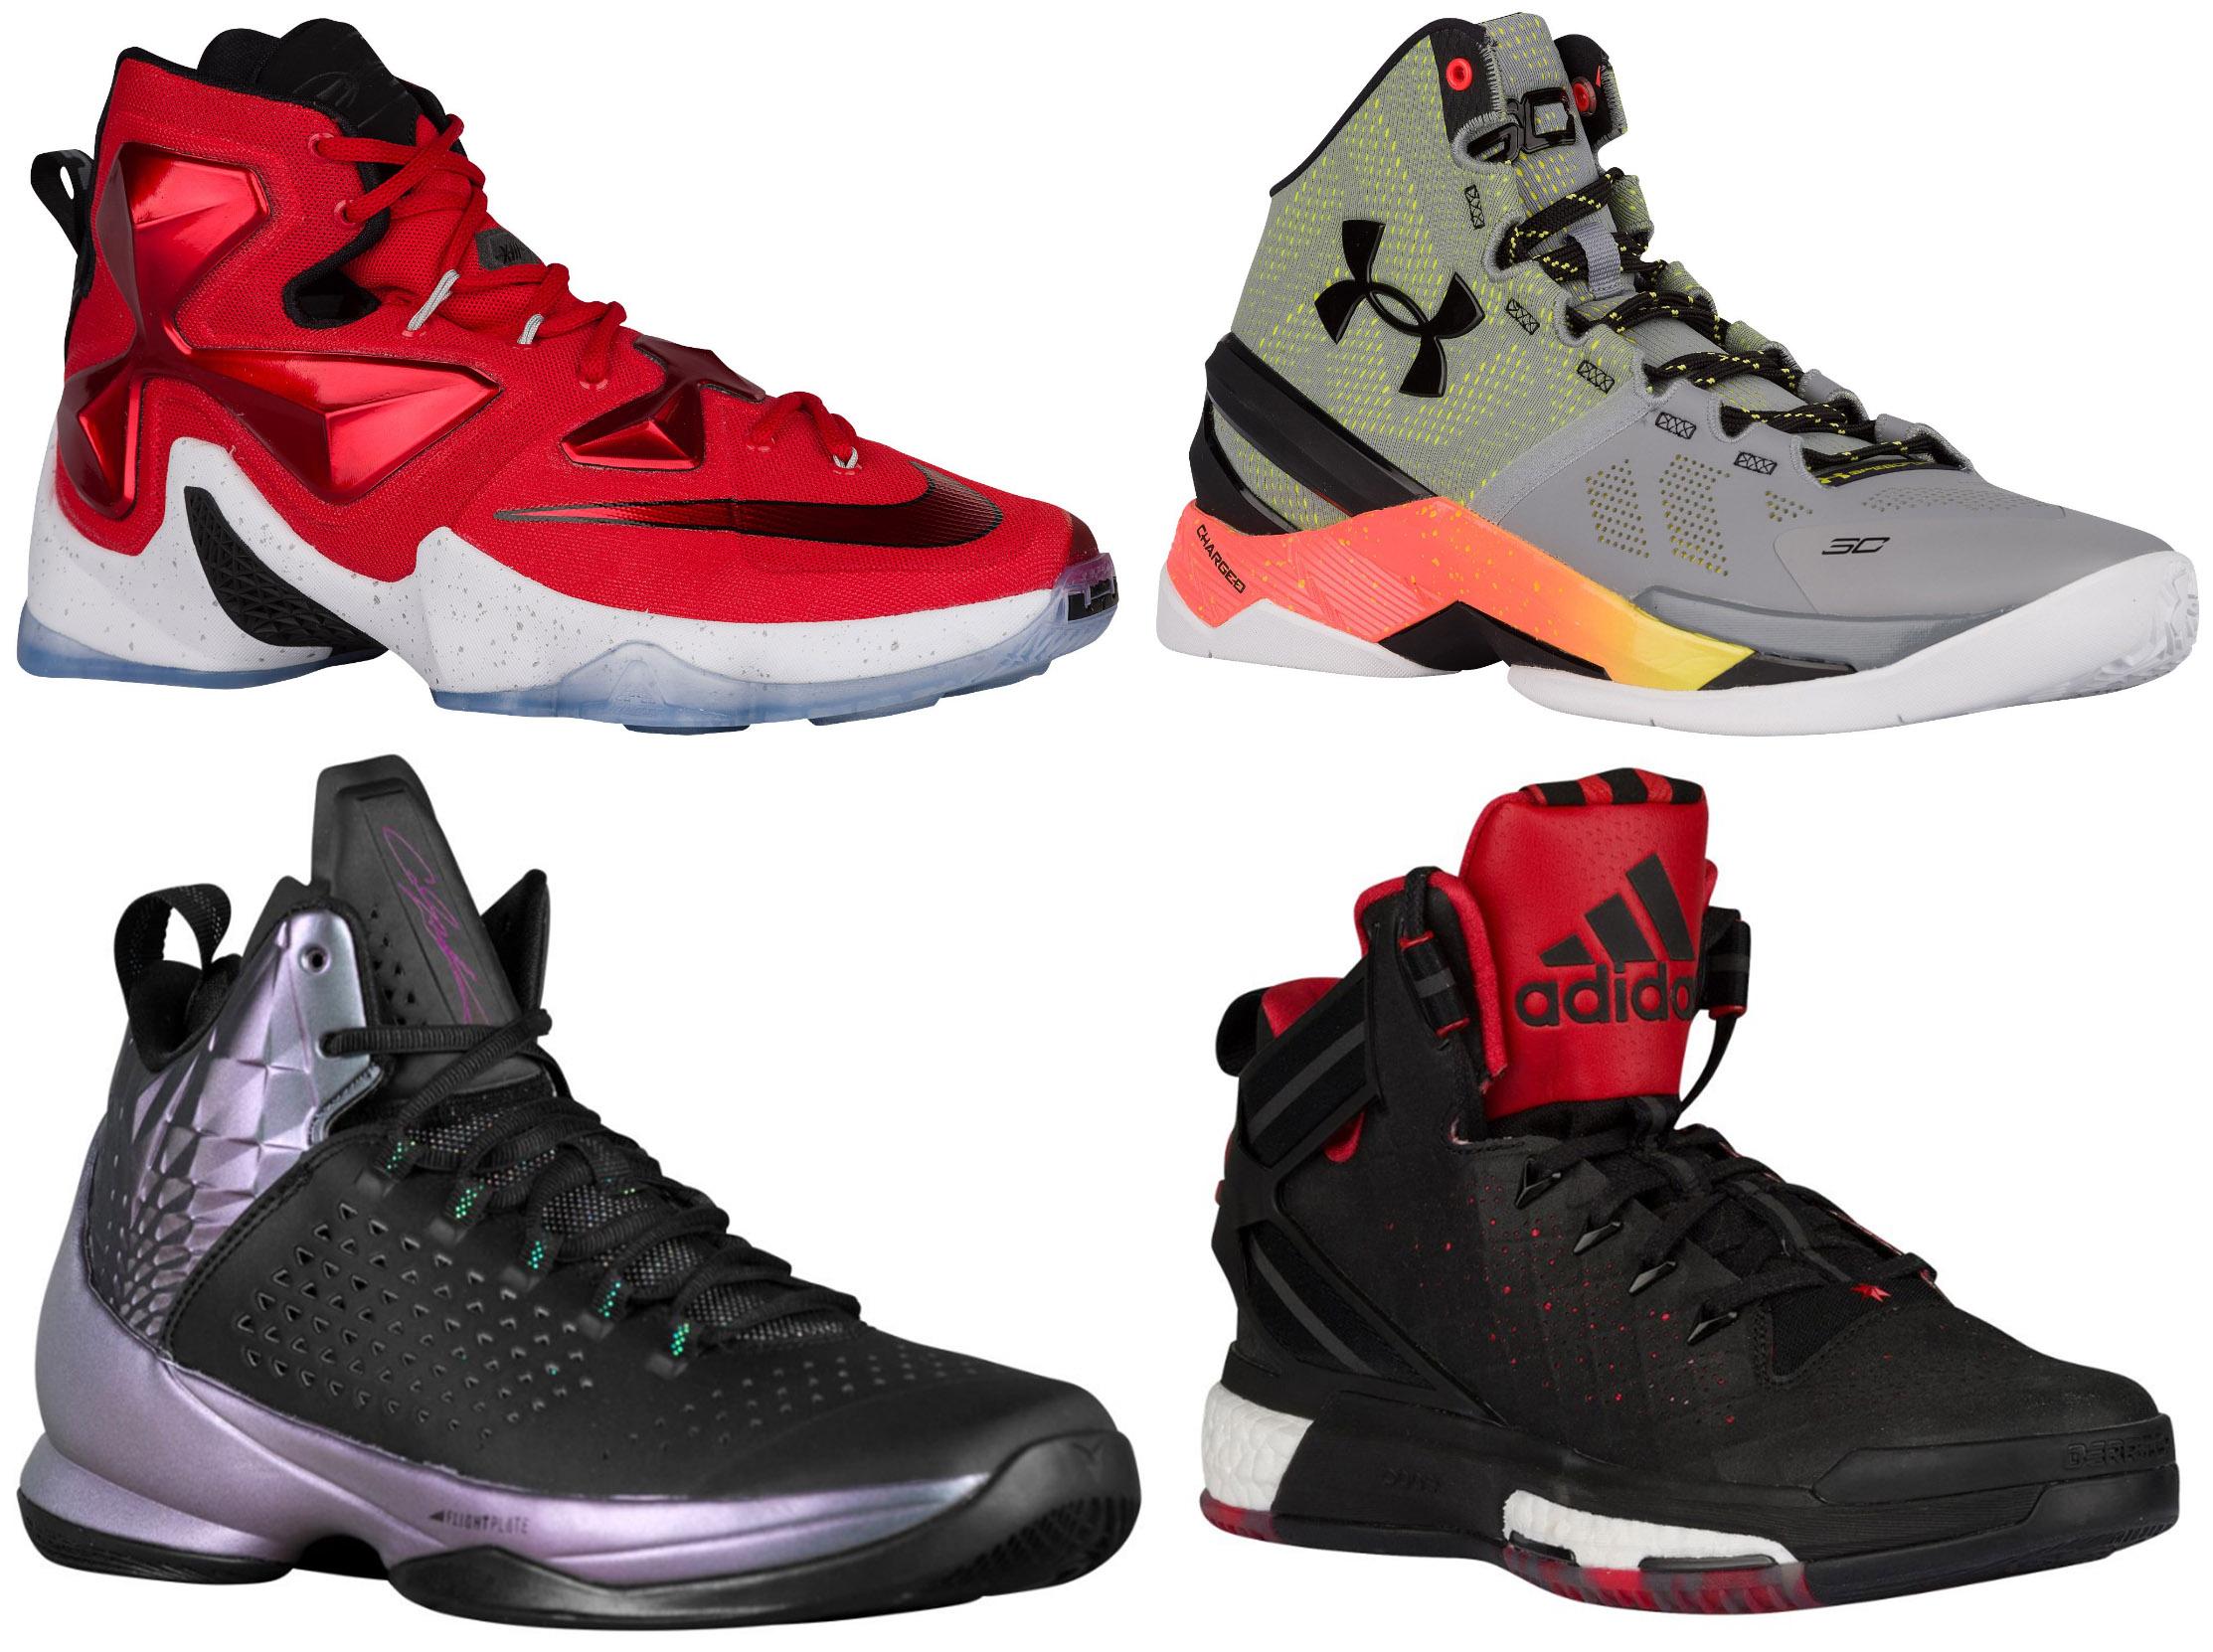 a86684cbe ... clearance adidas basketball jordan brand kicks off court kicks on court  lifestyle deals nike performance deals